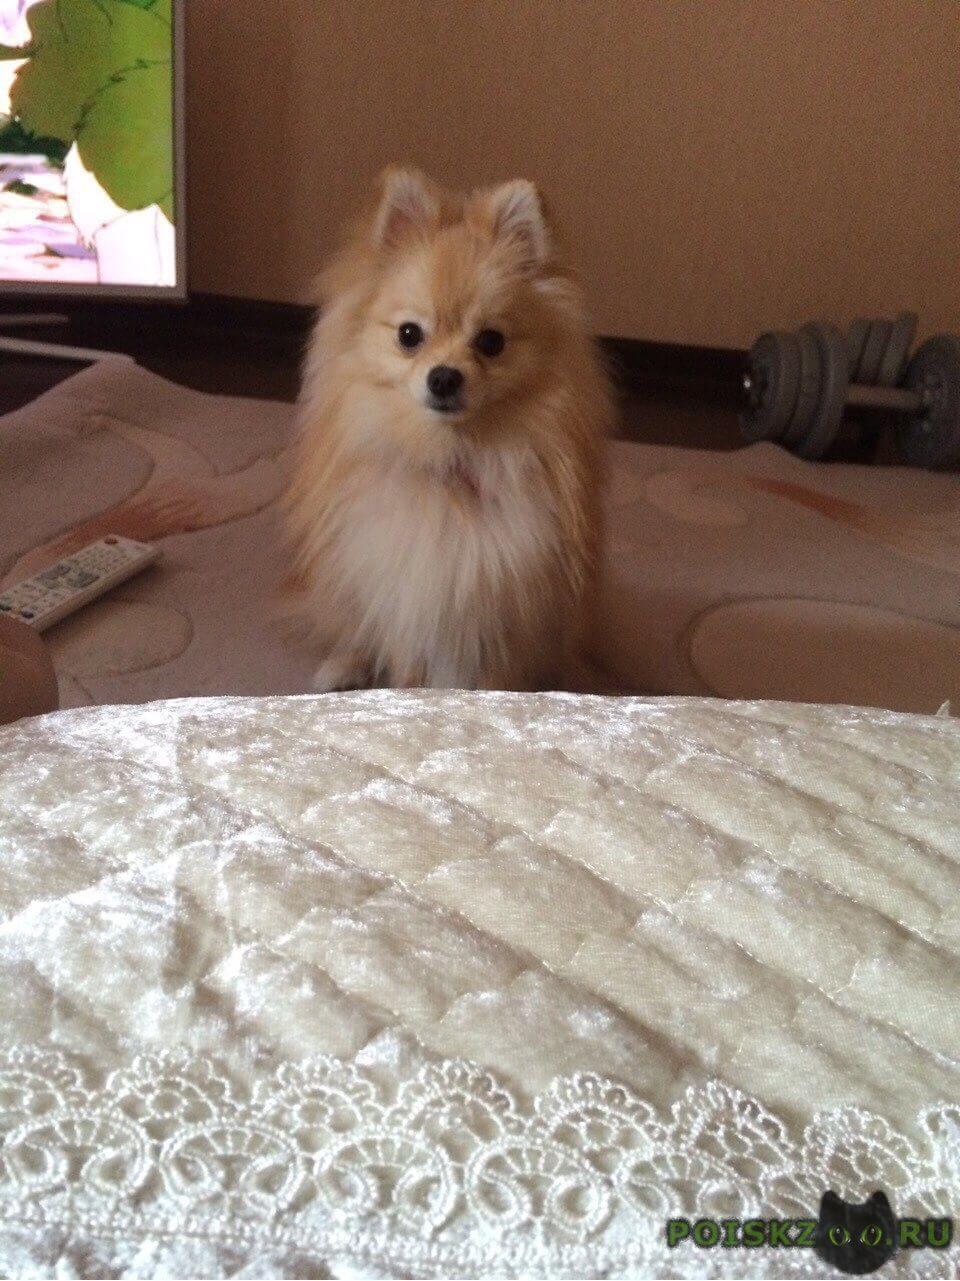 Пропала собака кобель вознаграждение солидное г.Калуга